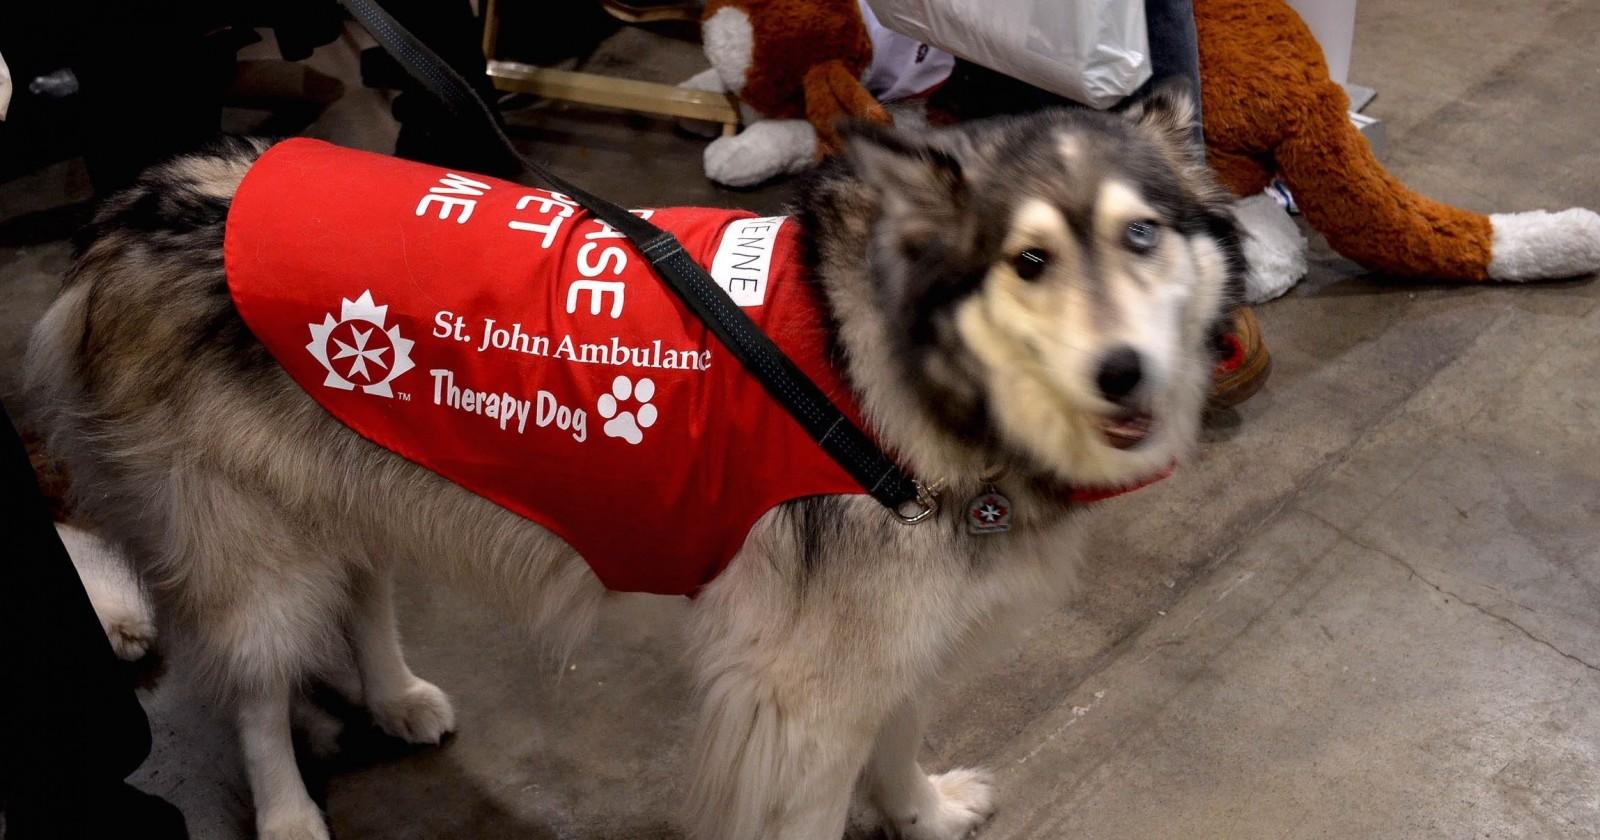 ST JOHN'S AMBULANCE THERAPY DOG @ WINTER WOOFSTOCK 2012 DIRECT E